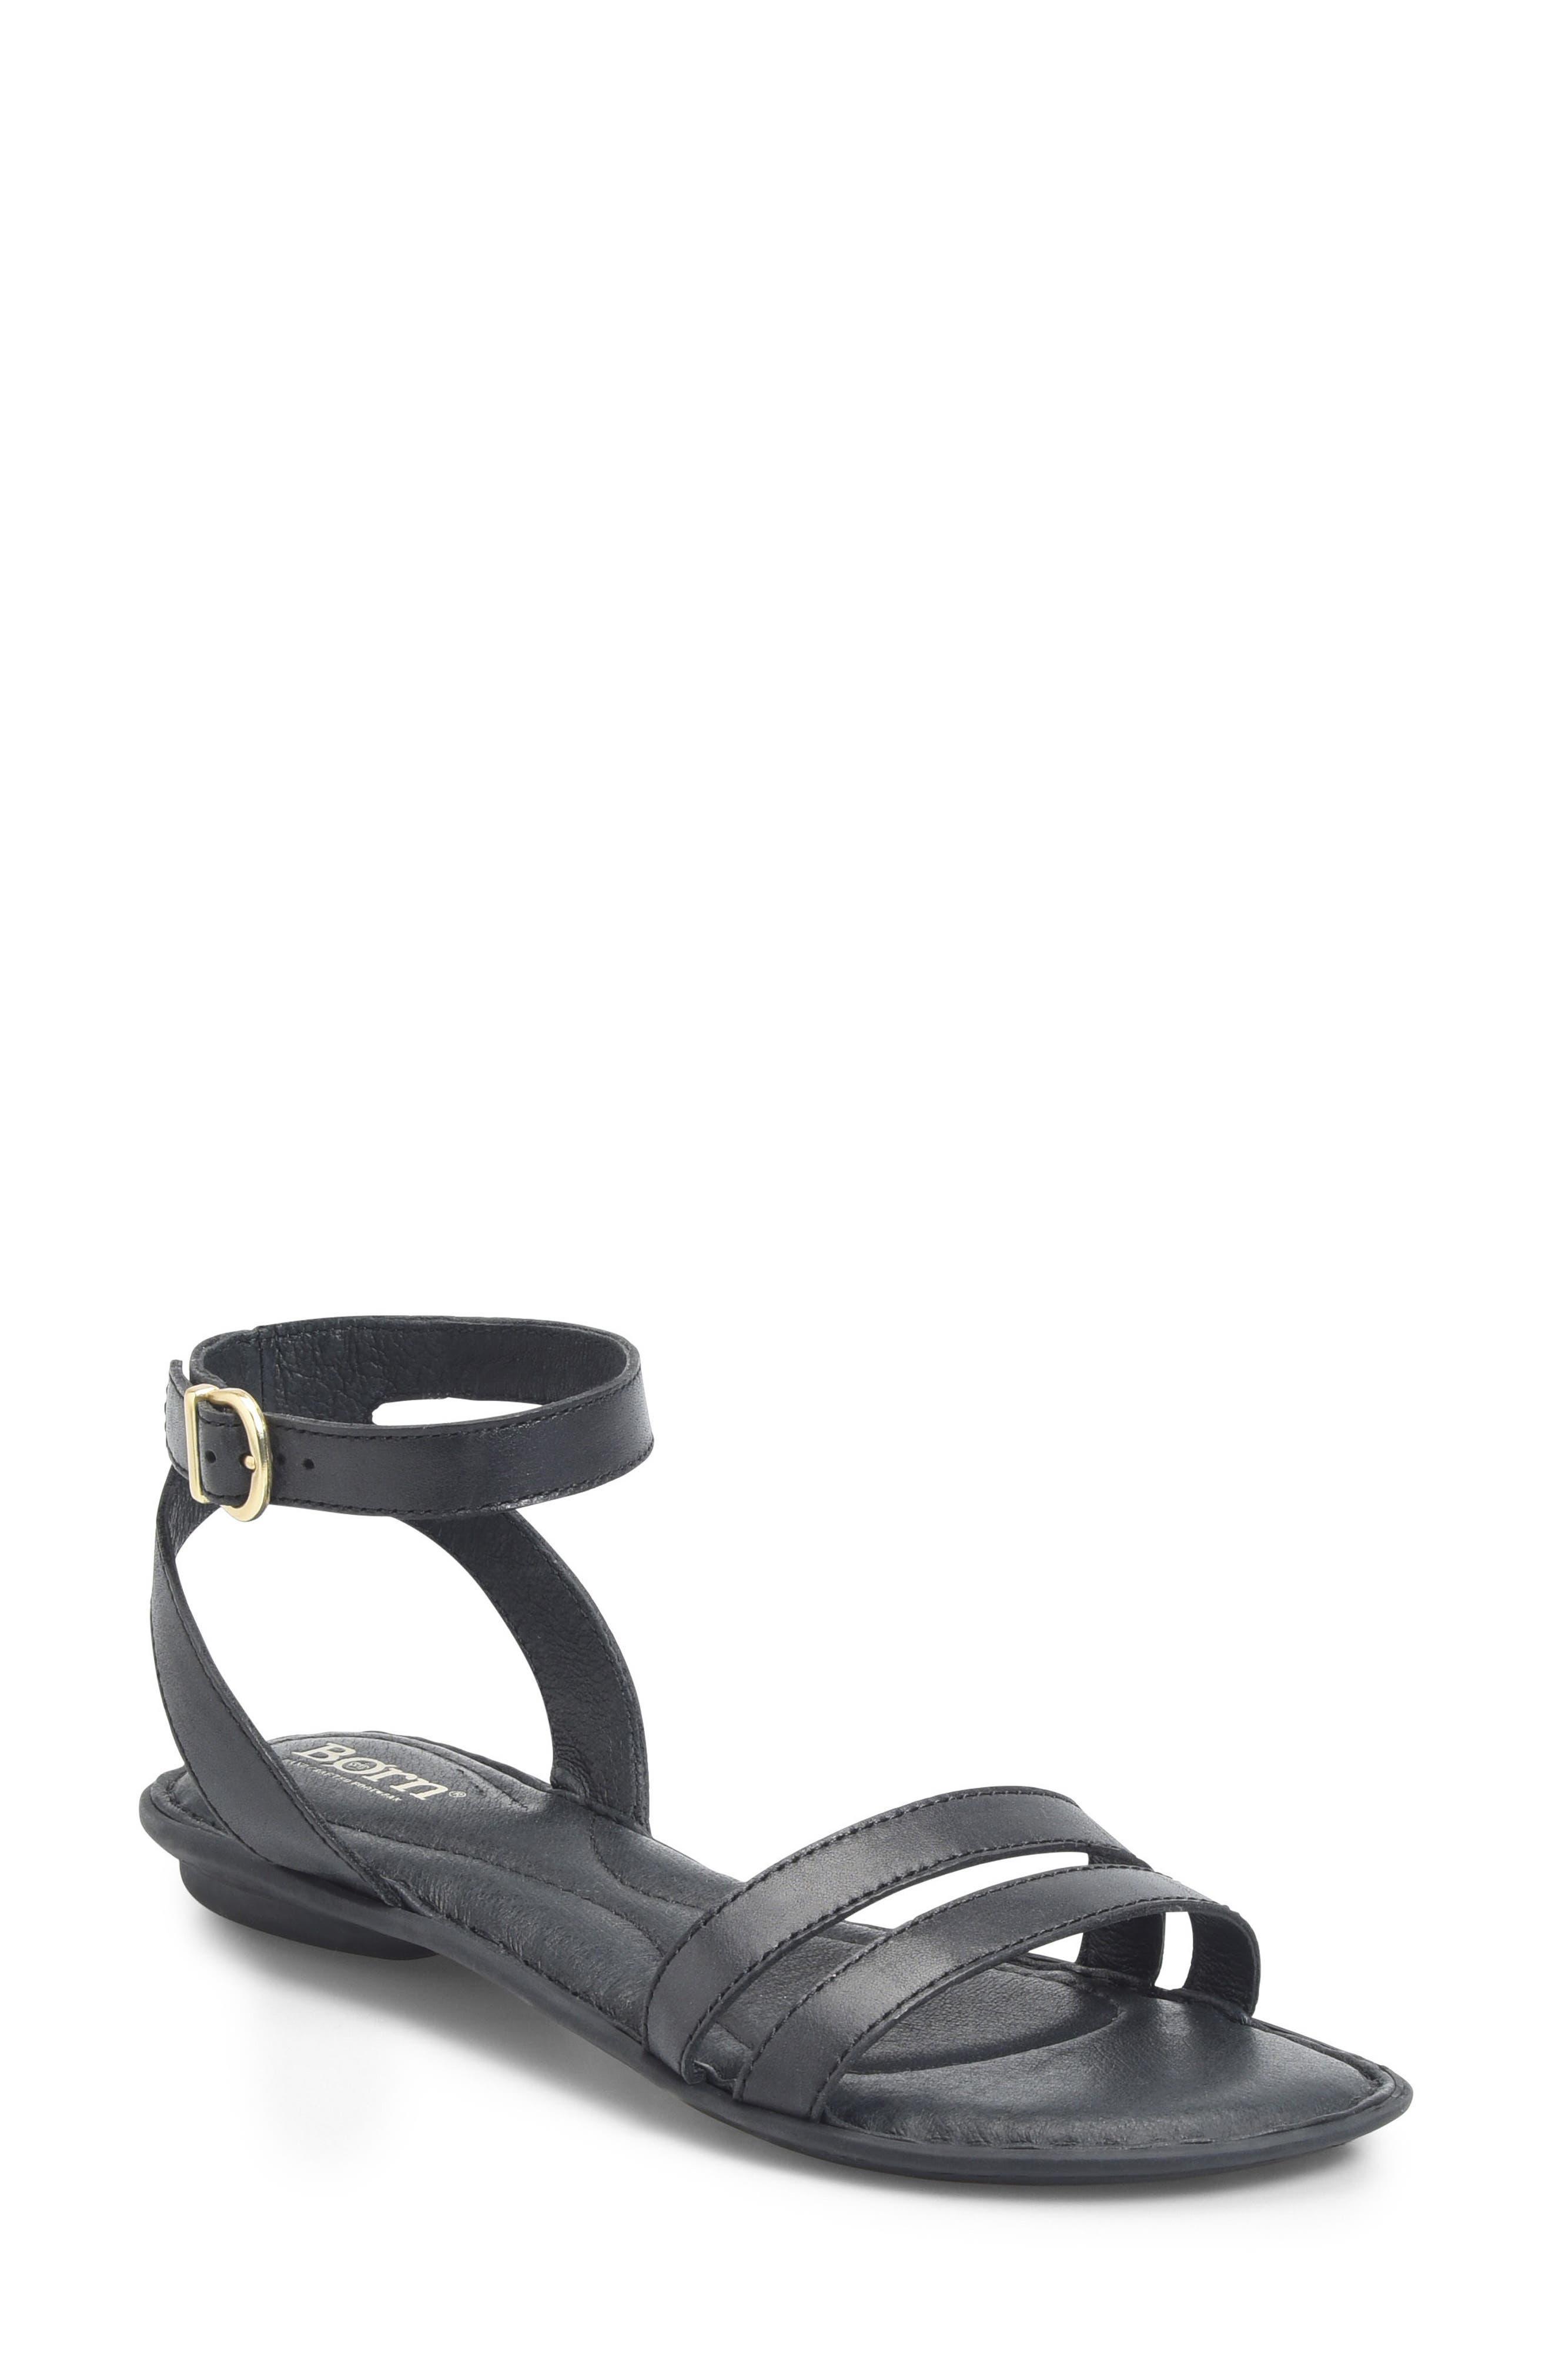 Alternate Image 1 Selected - Børn Mai Easy Sandal (Women)